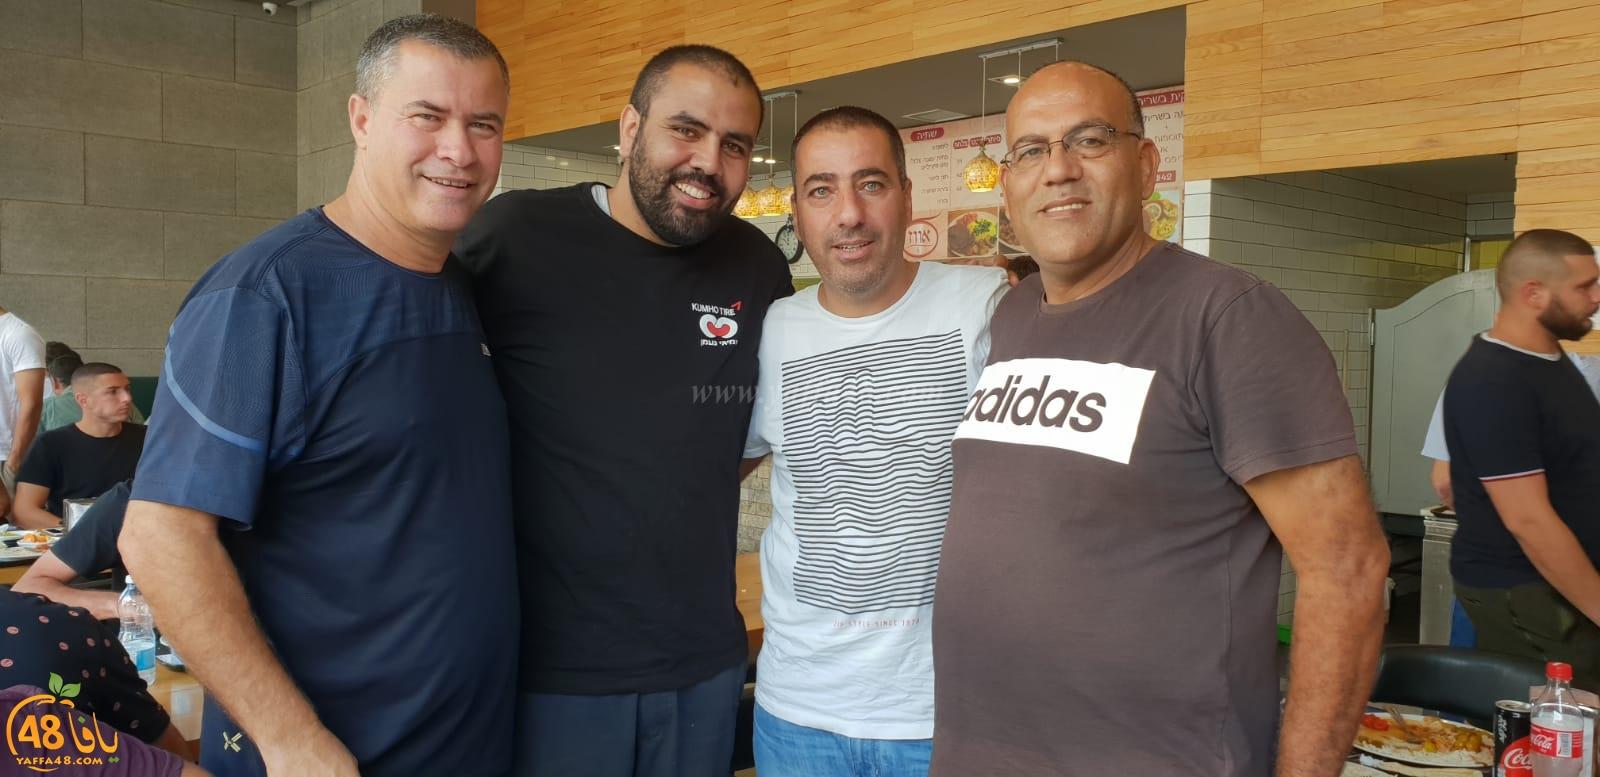 بالصور: لقاء يجمع لاعبي فريق أبناء اللد مع الإدارة الجديدة للفريق